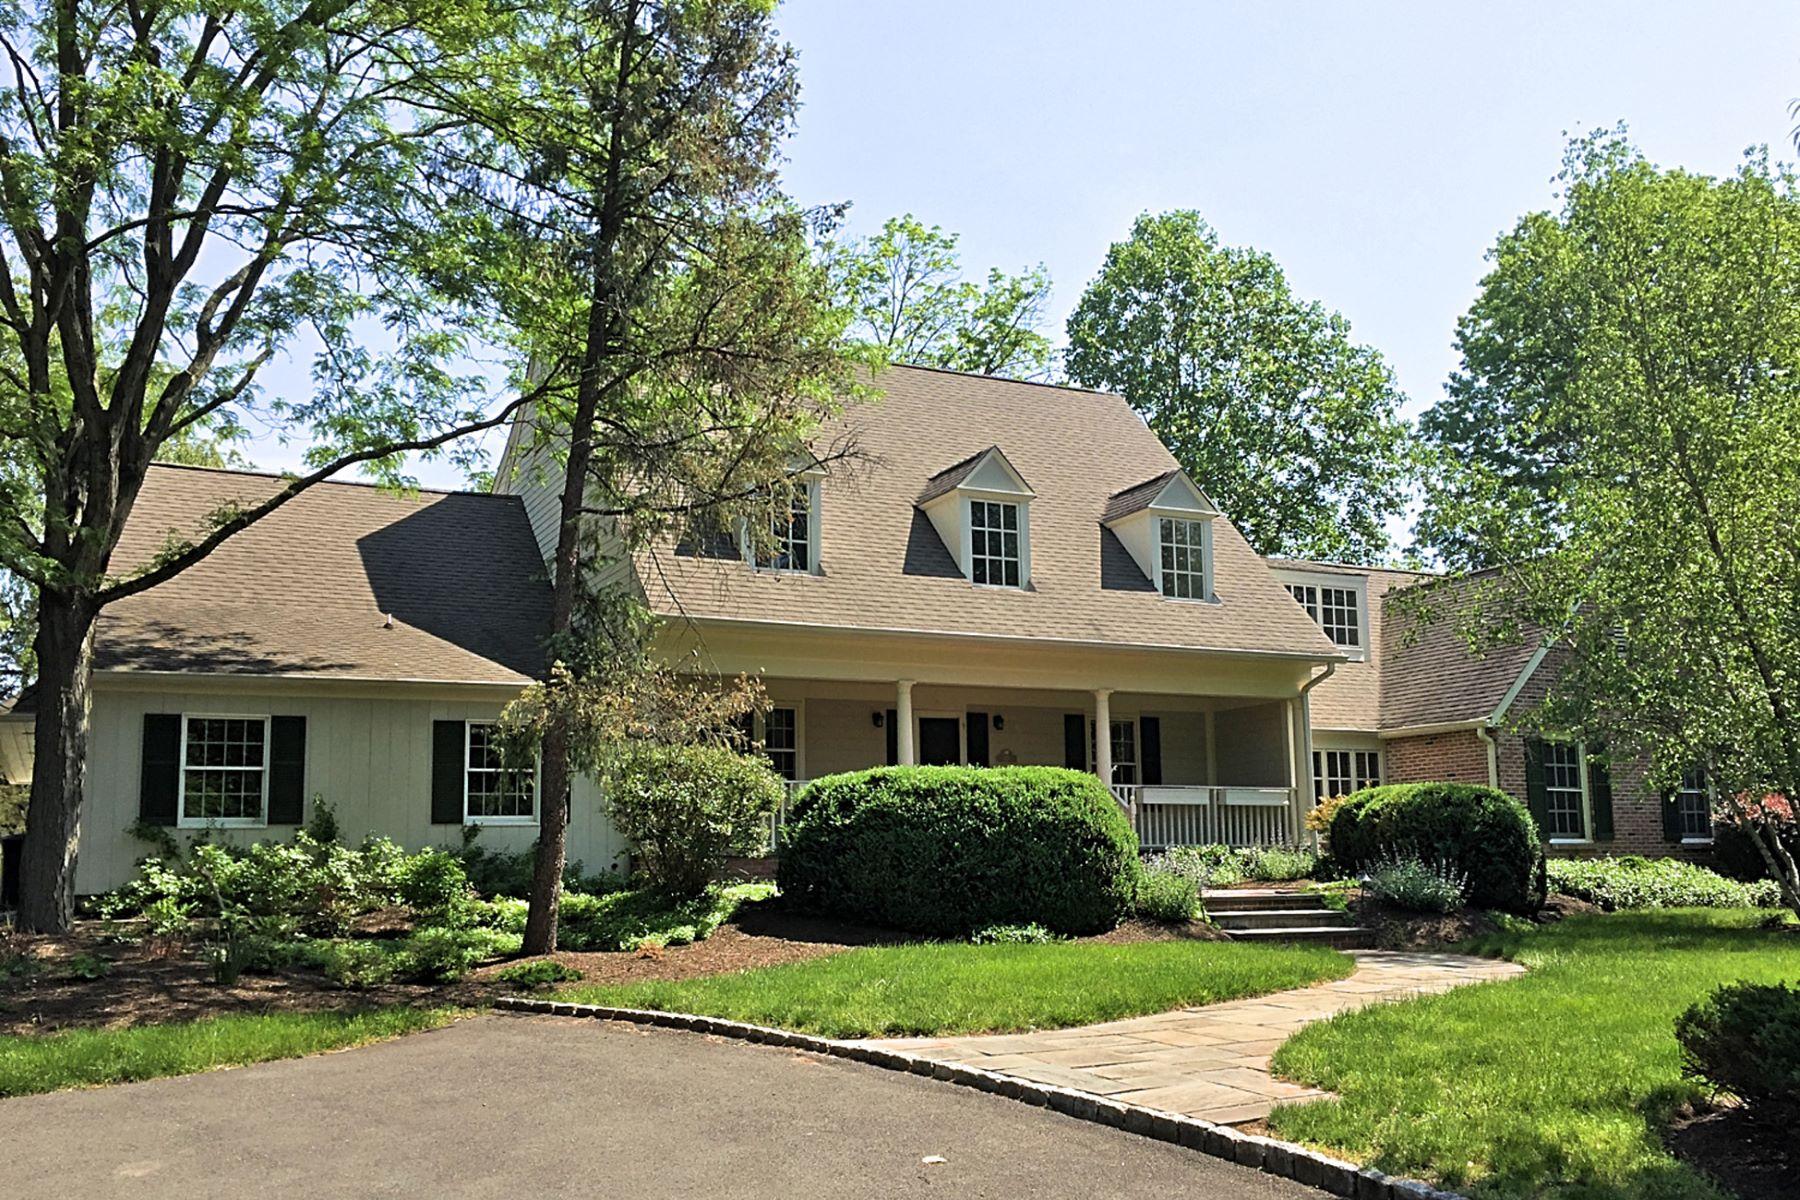 Nhà ở một gia đình vì Bán tại A Fantastic Value With A Vast Amount Of Space - Montgomery Township 121 Cherry Brook Drive Princeton, New Jersey, 08540 Hoa Kỳ